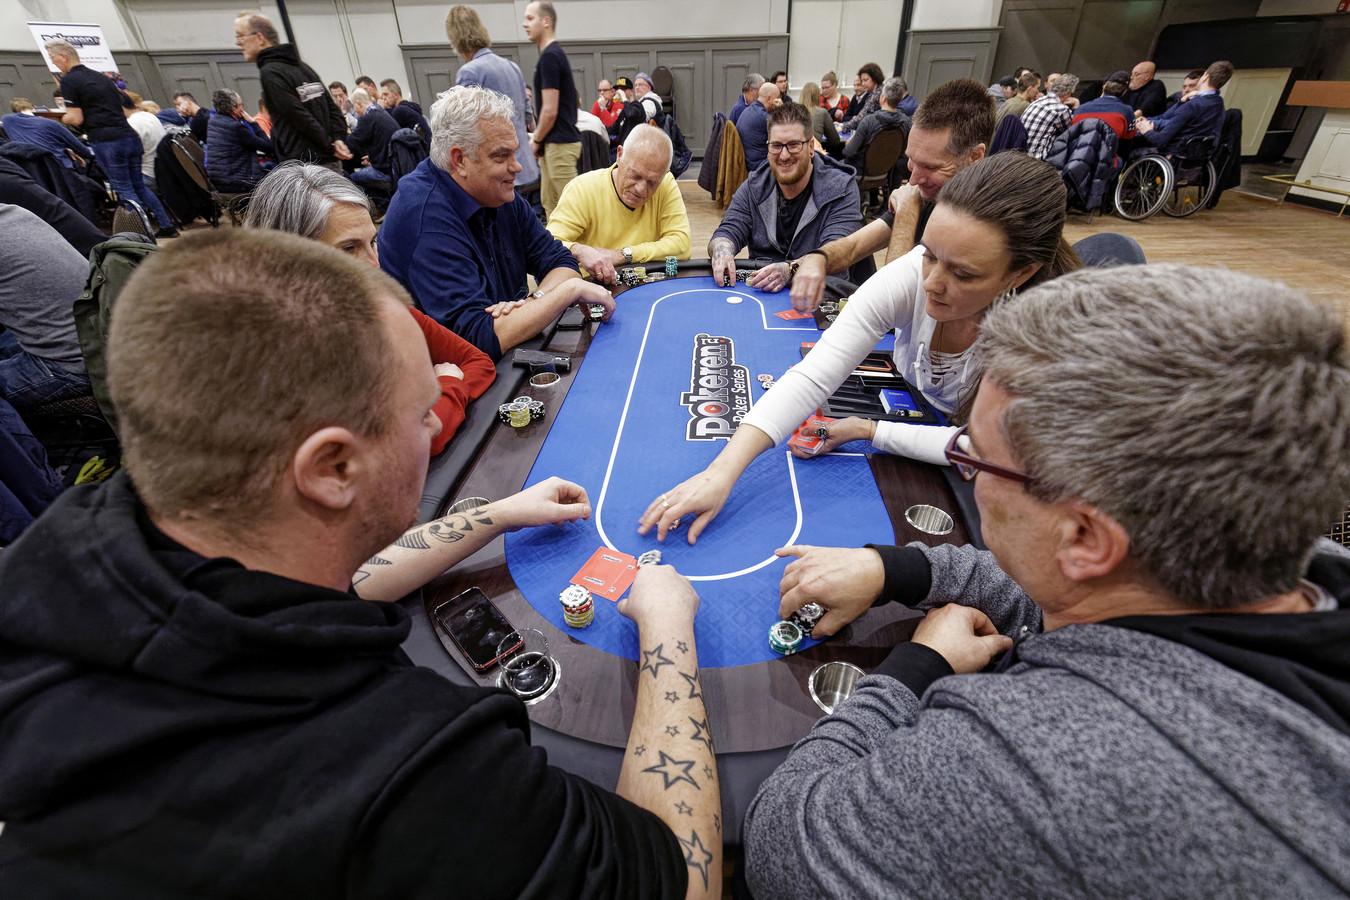 Vrijwel alles draait om de fun bij Poker Series in De Kentering in Den Bosch